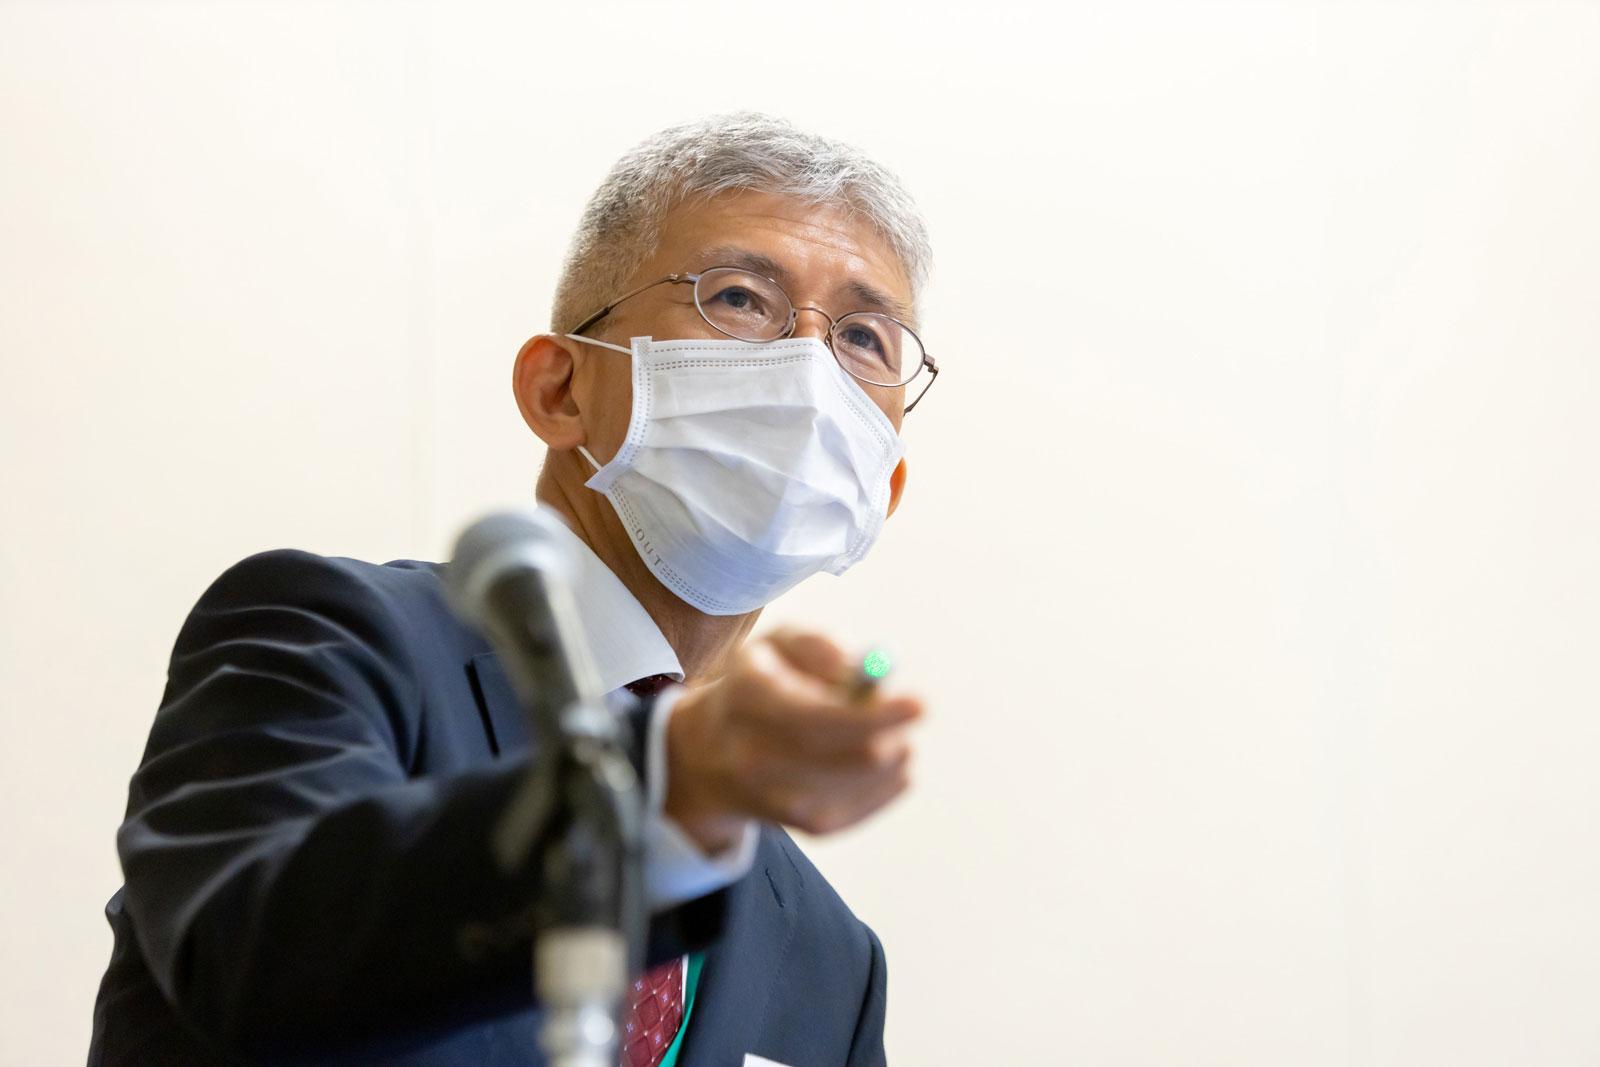 第45回 新型コロナウイルス感染症に 自衛隊中央病院はどう対処したのか(上部泰秀 先生)